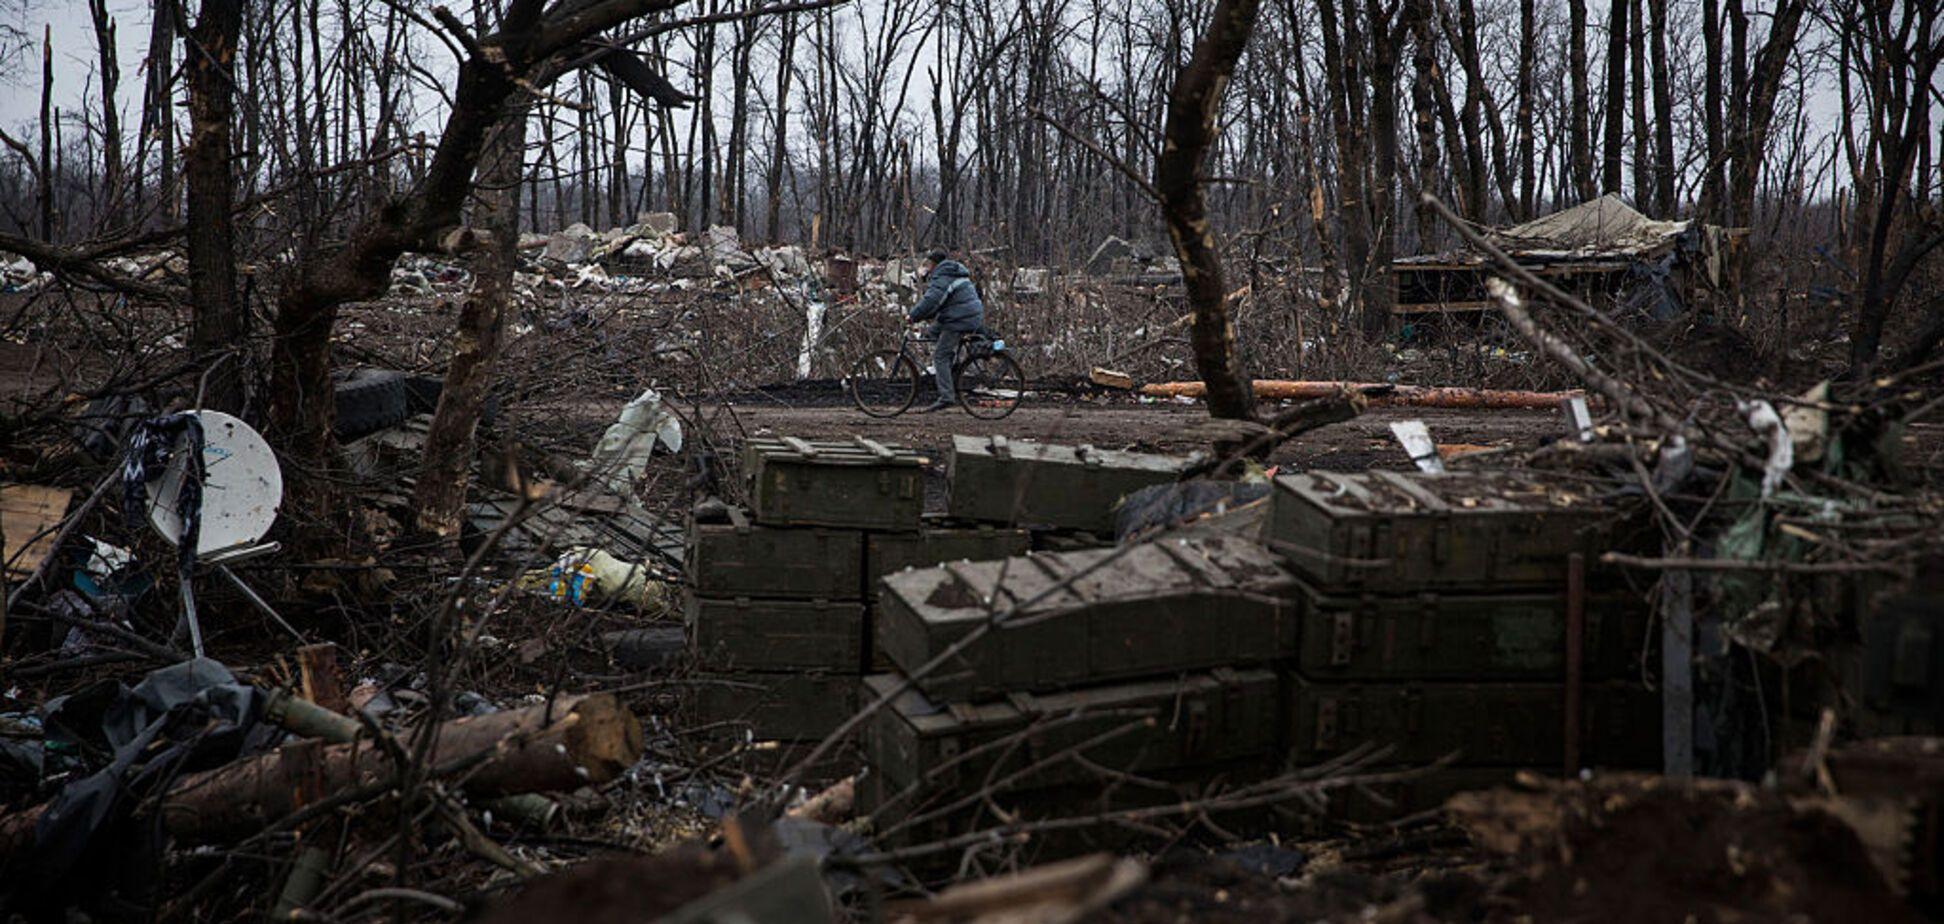 Жертва, раненые и боевая травма: силы АТО понесли потери на Донбассе